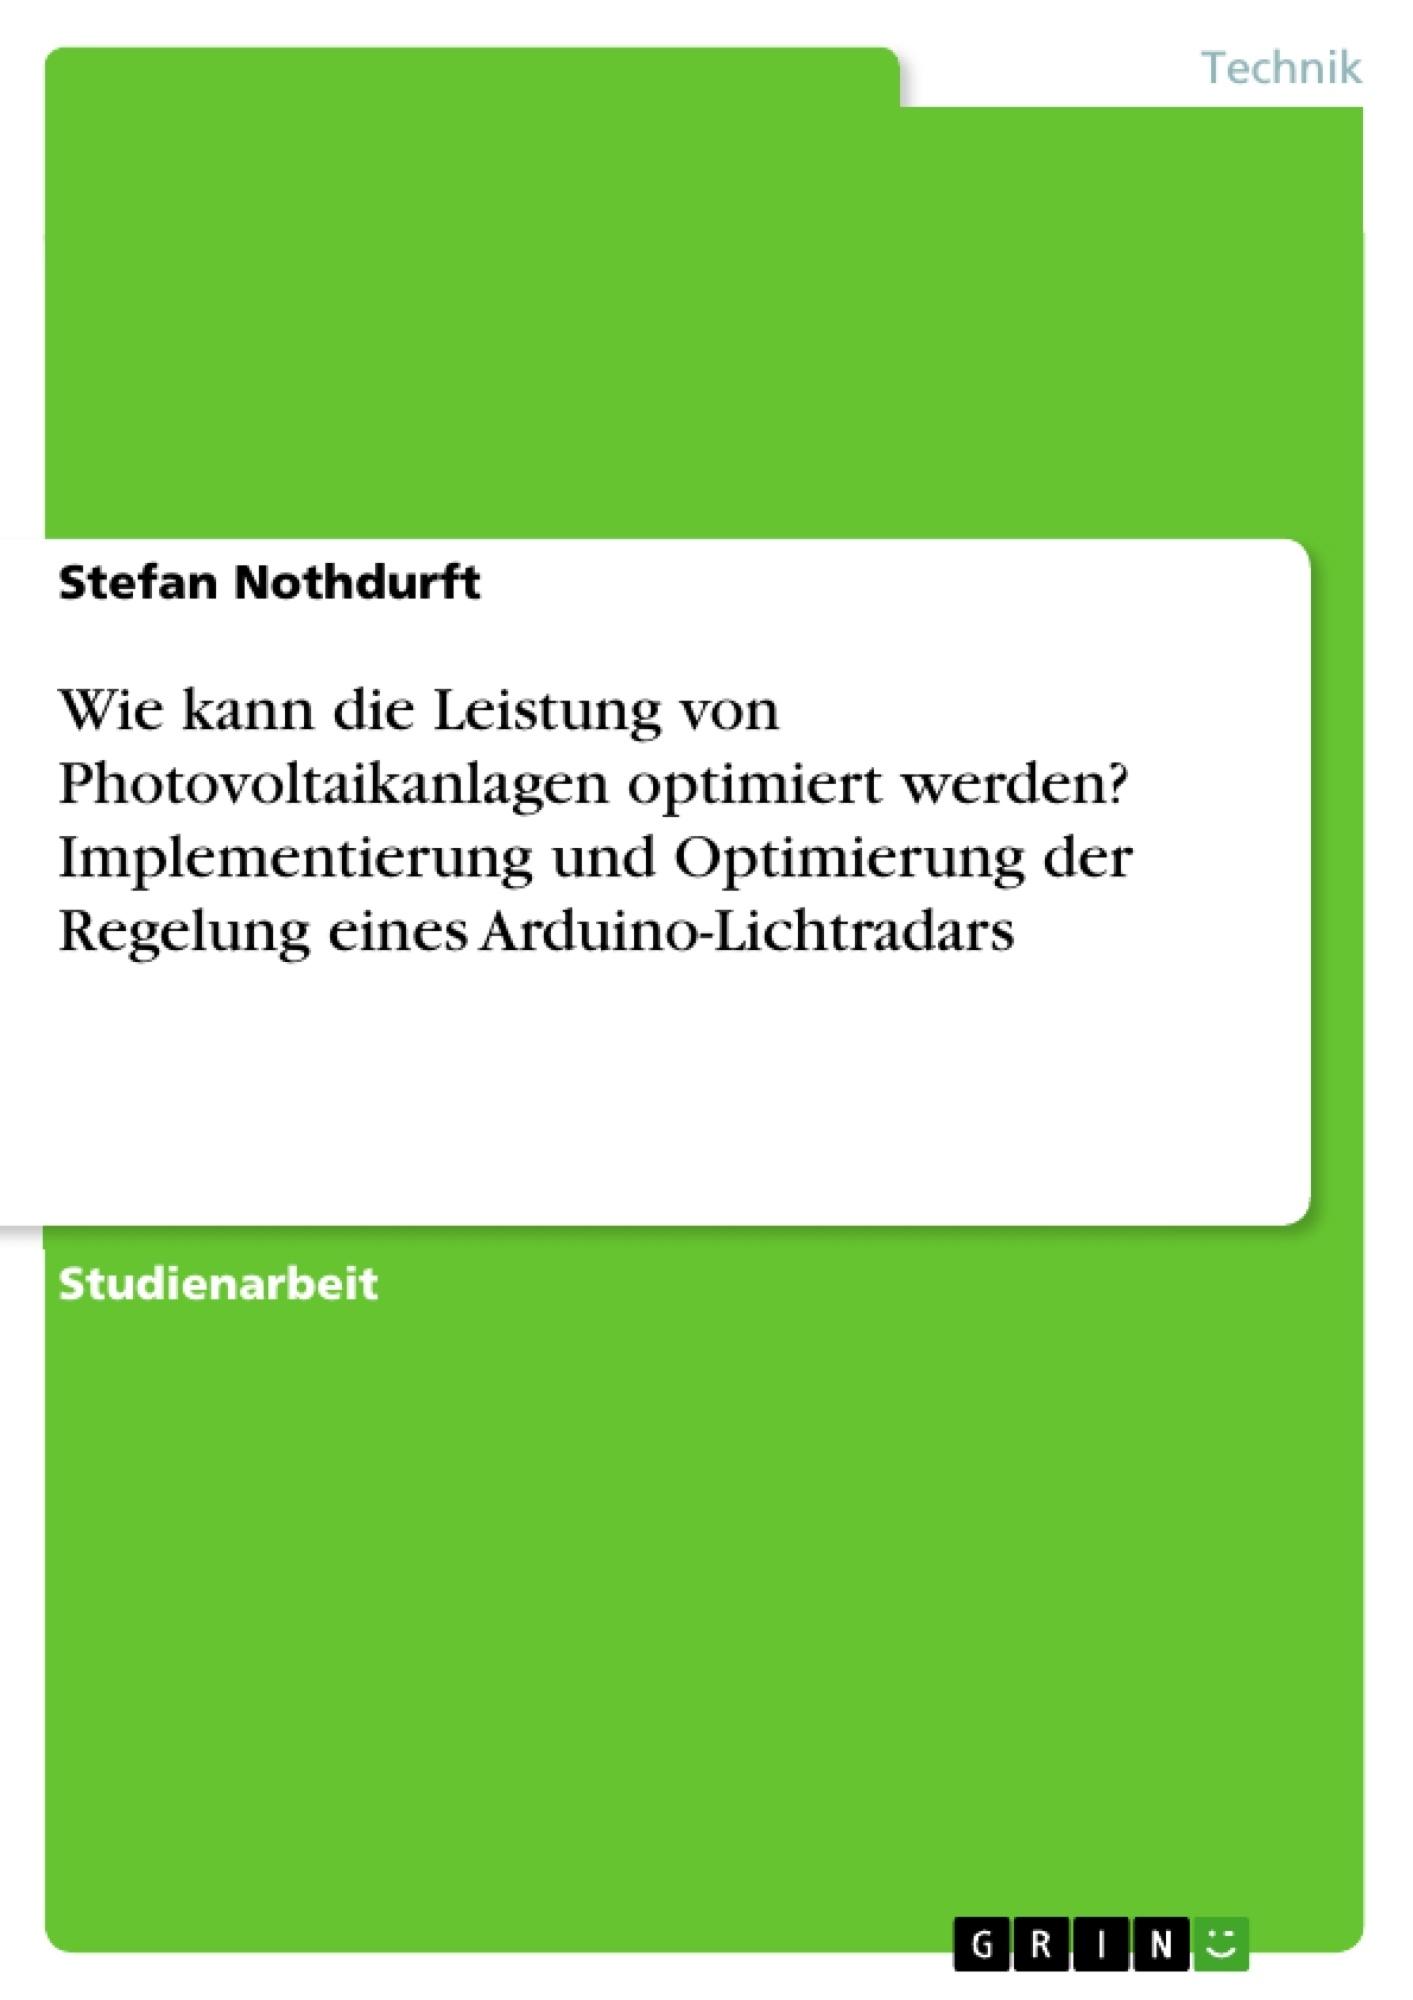 Titel: Wie kann die Leistung von Photovoltaikanlagen optimiert werden? Implementierung und Optimierung der Regelung eines Arduino-Lichtradars